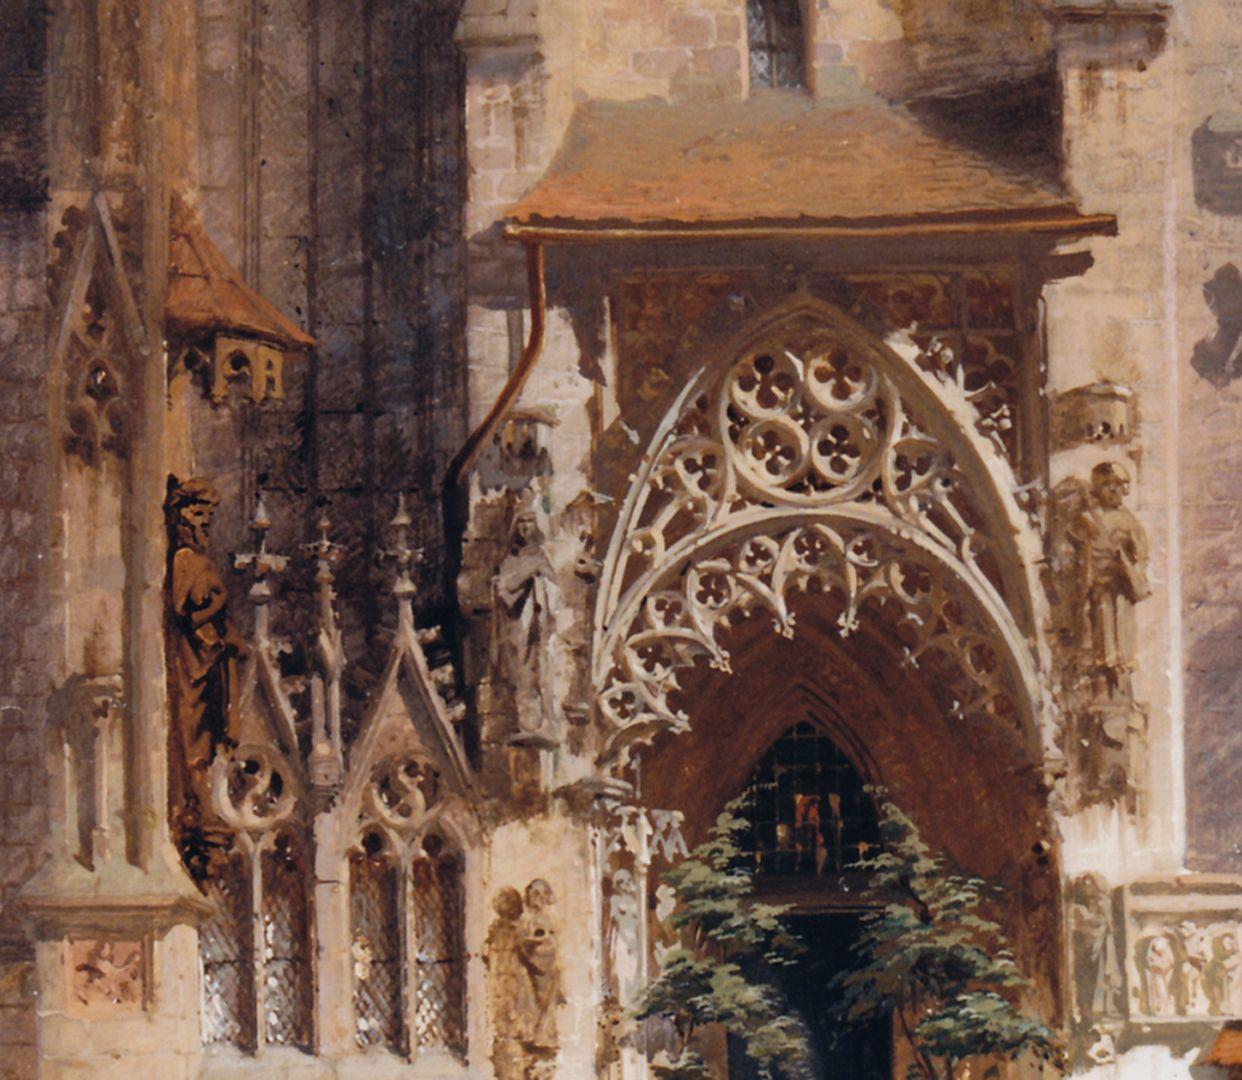 Bridal portal at the Sebaldus Church Detail